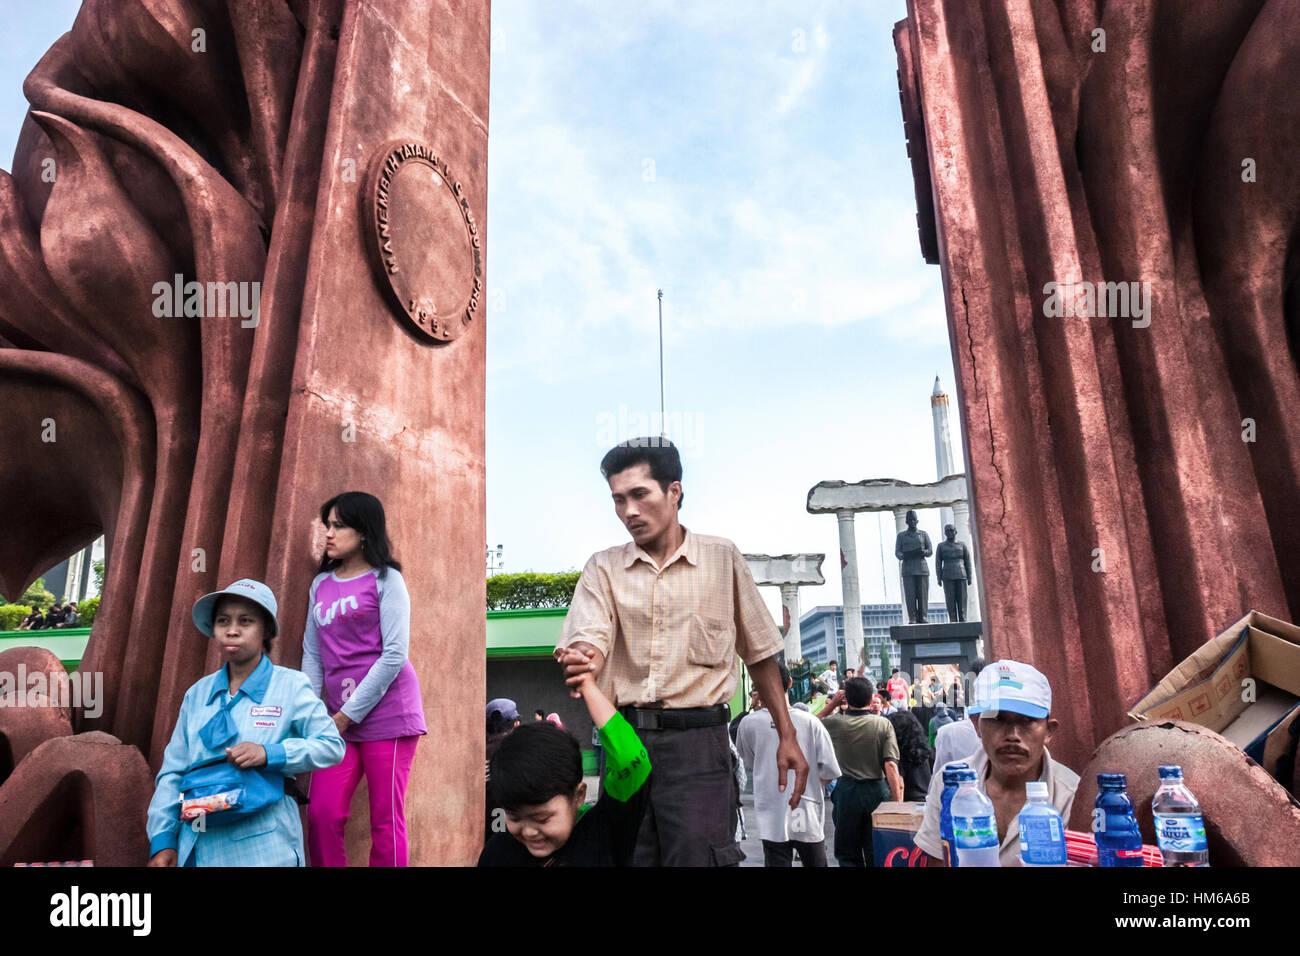 La foule à l'entrée d'Heroes Monument à Surabaya où se dresse le monument de Soekarno Photo Stock